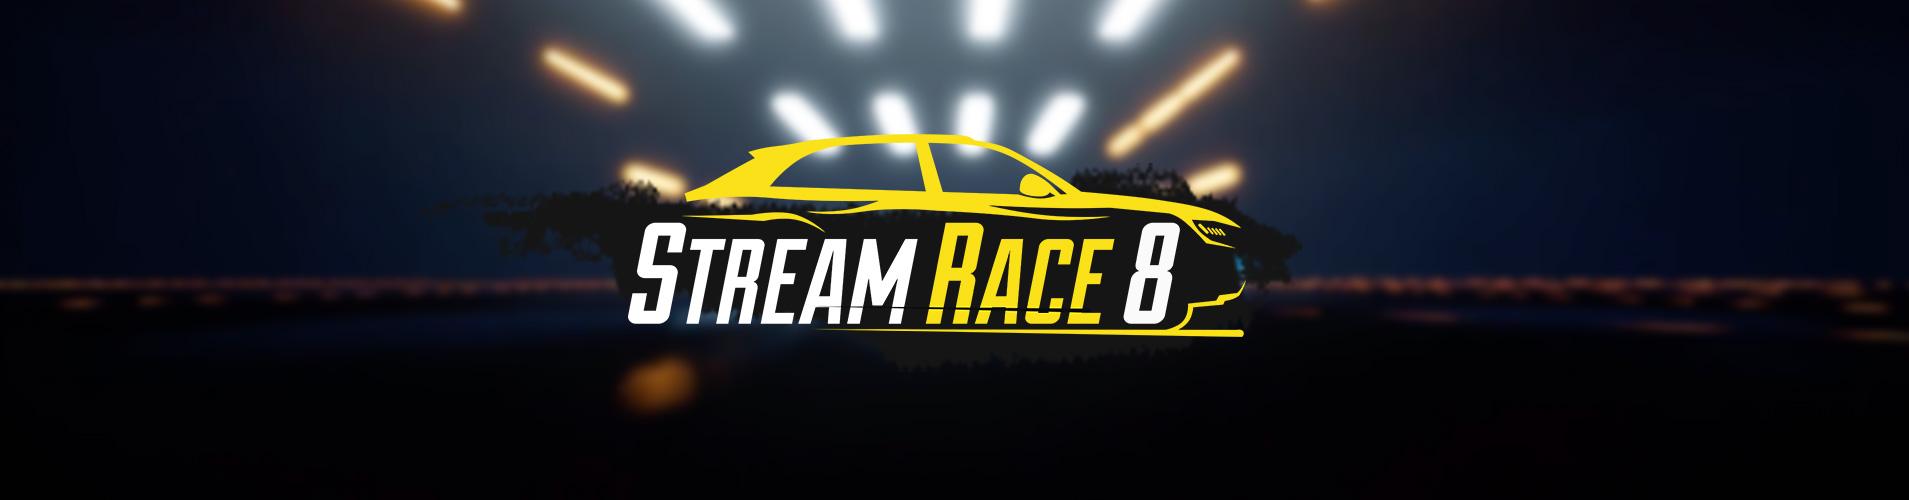 Стримерская гонка Stream Race 8 – ФИНАЛ